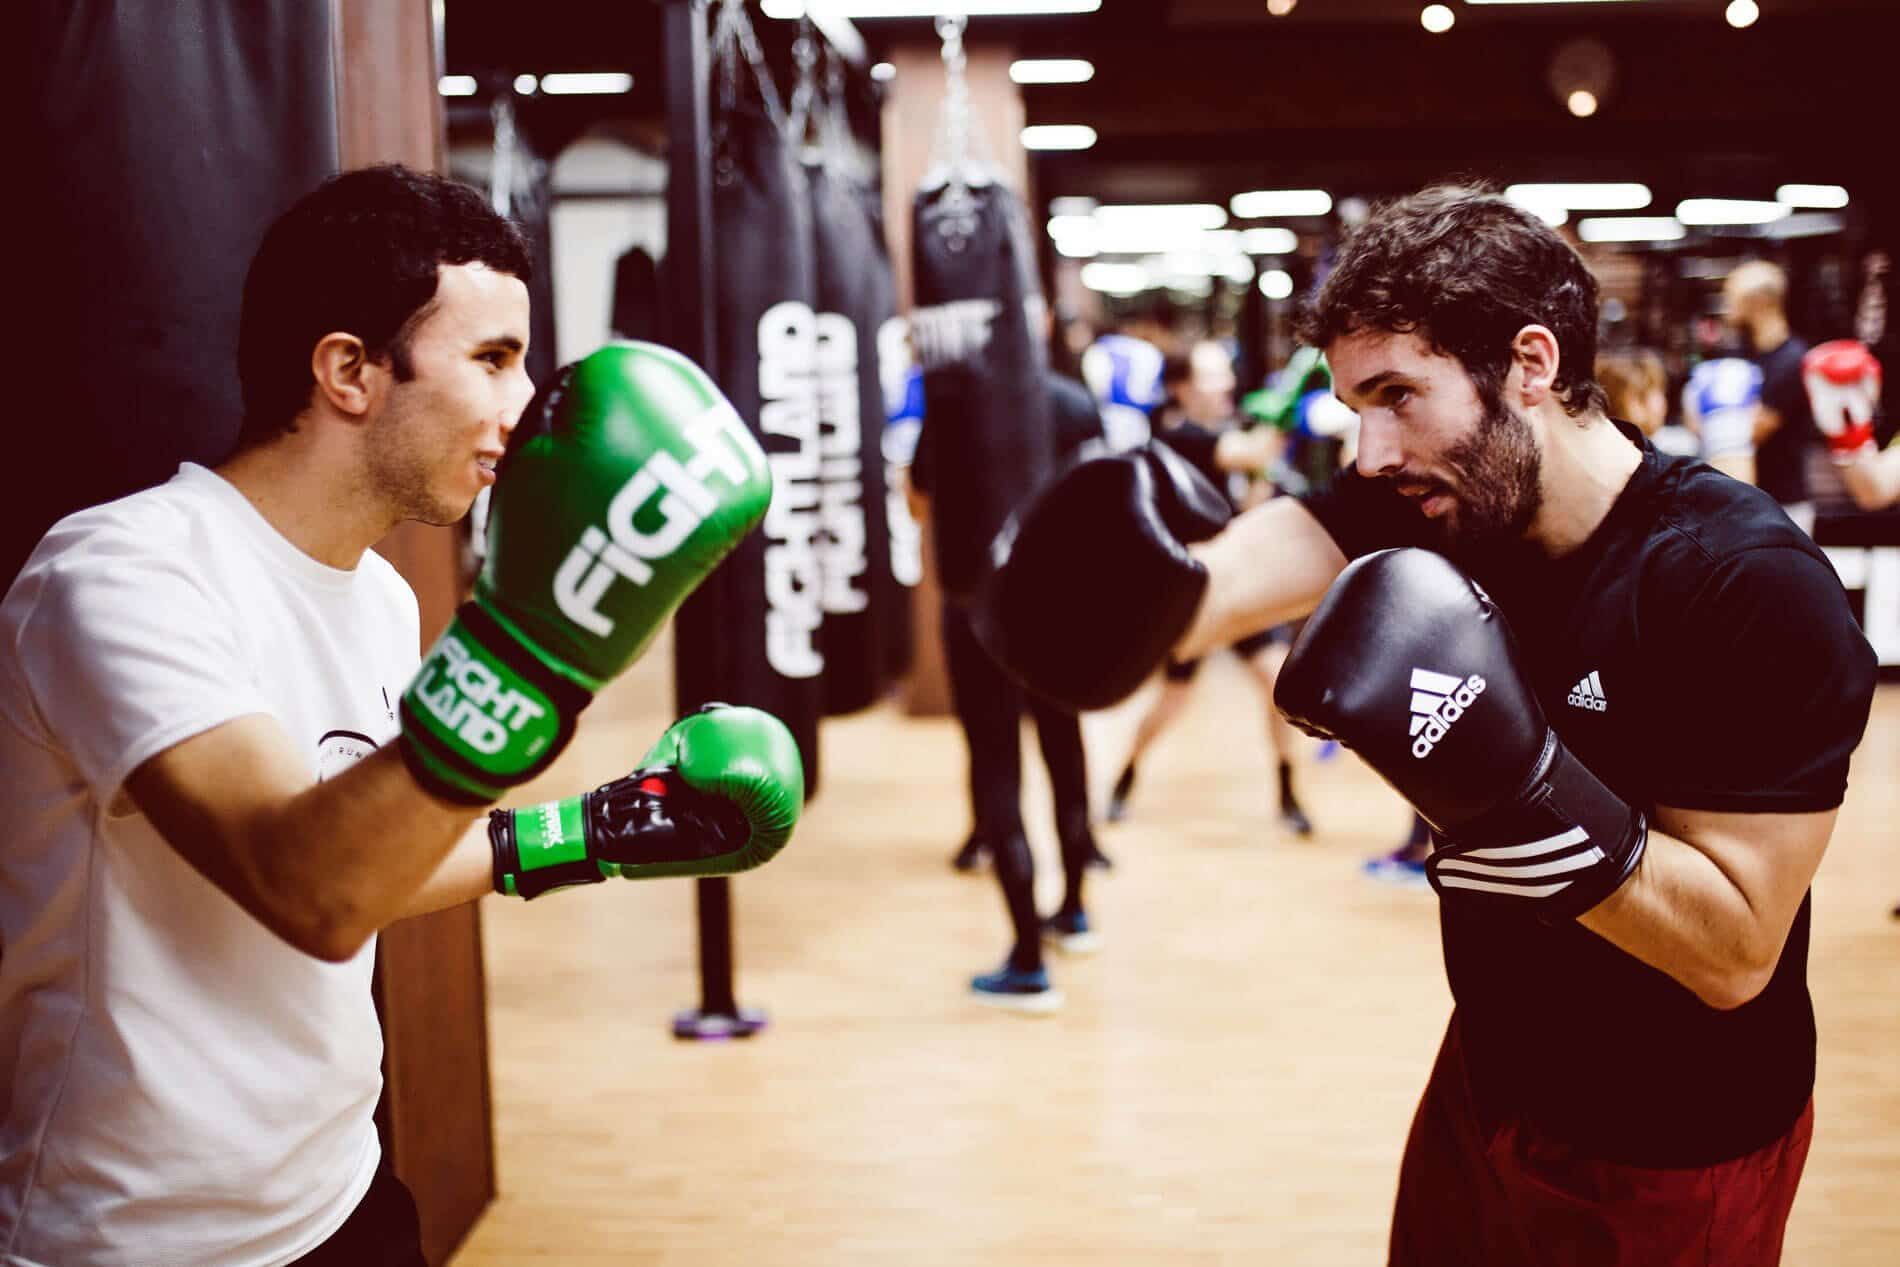 Fightland - Club Boxeo - Entrenamiento Boxeo